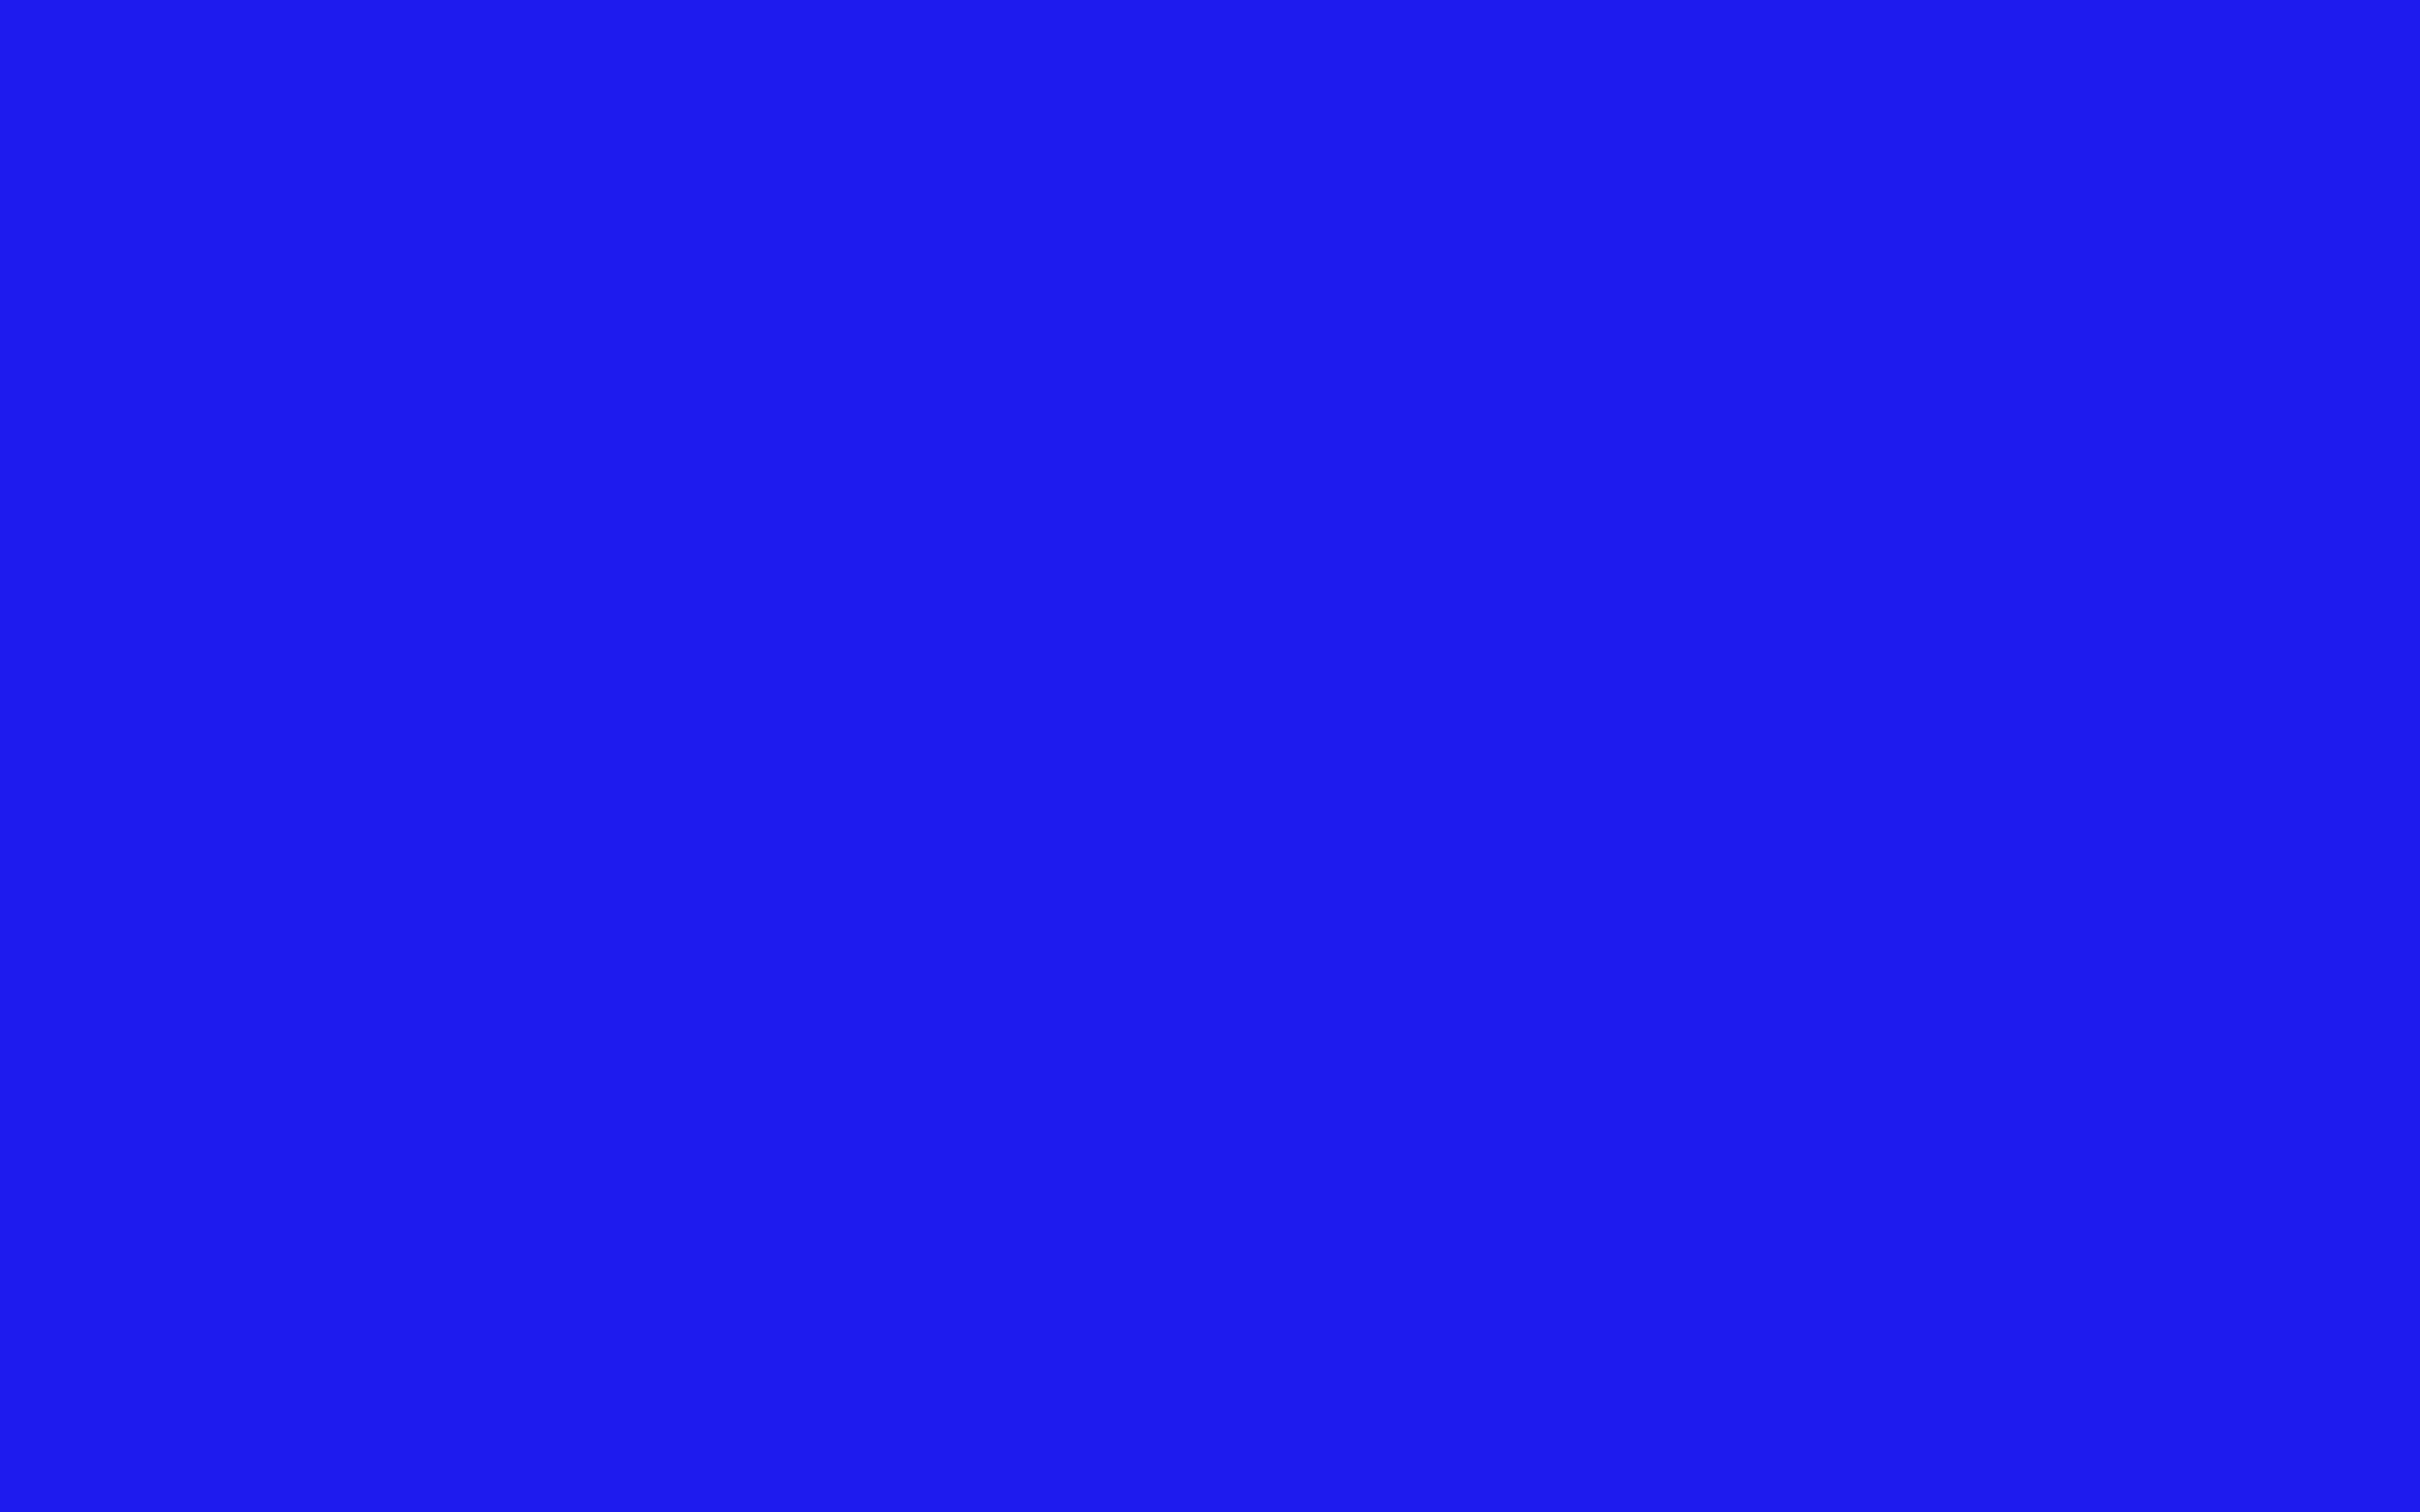 2560x1600 Bluebonnet Solid Color Background